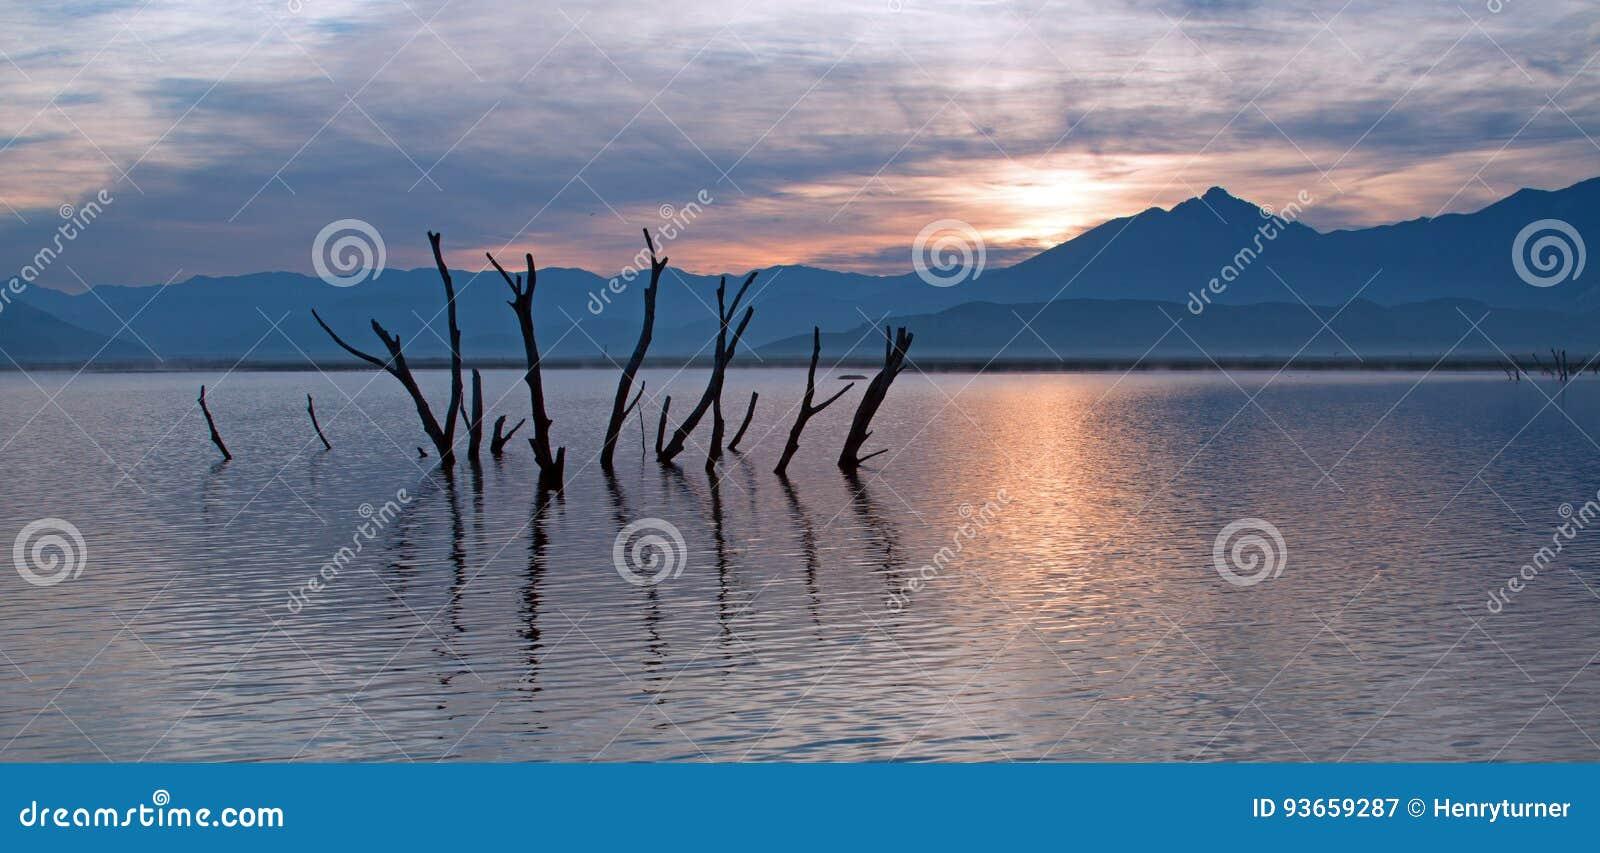 Döda trädstammar och filialer som petar ut ur den torka slågna sjön Isabella på soluppgång i de Sierra Nevada bergen i centralen